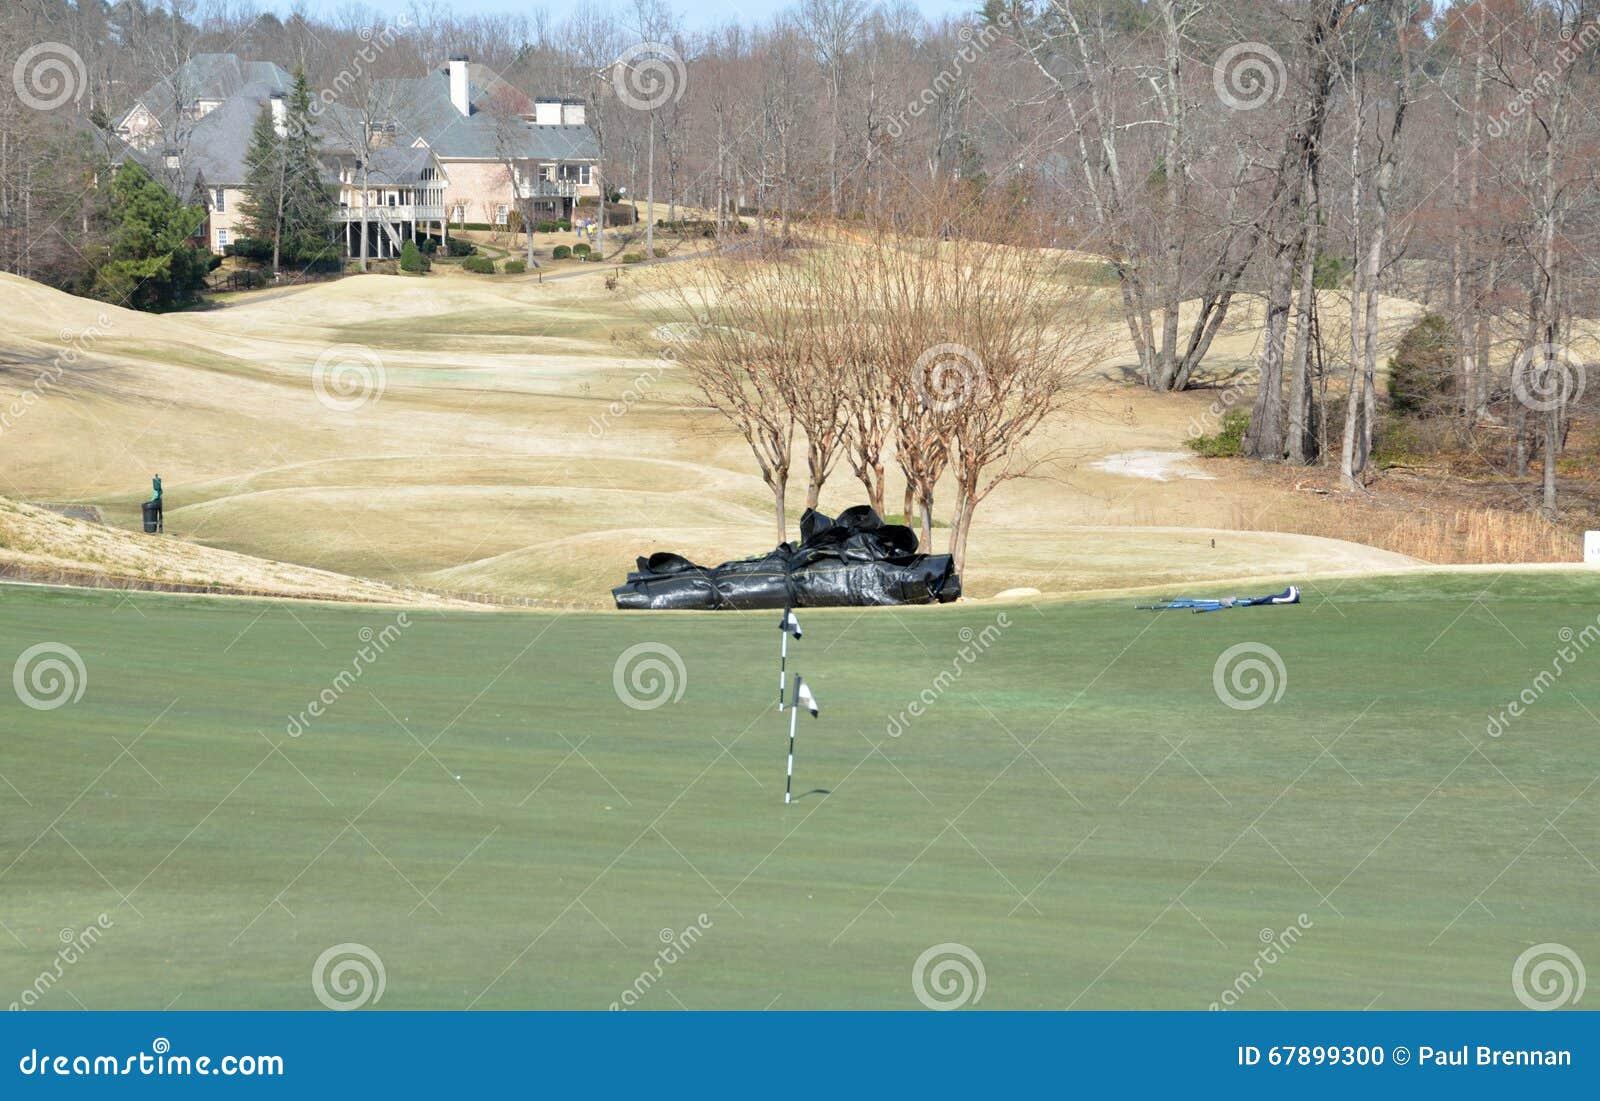 高尔夫球场,乔治亚